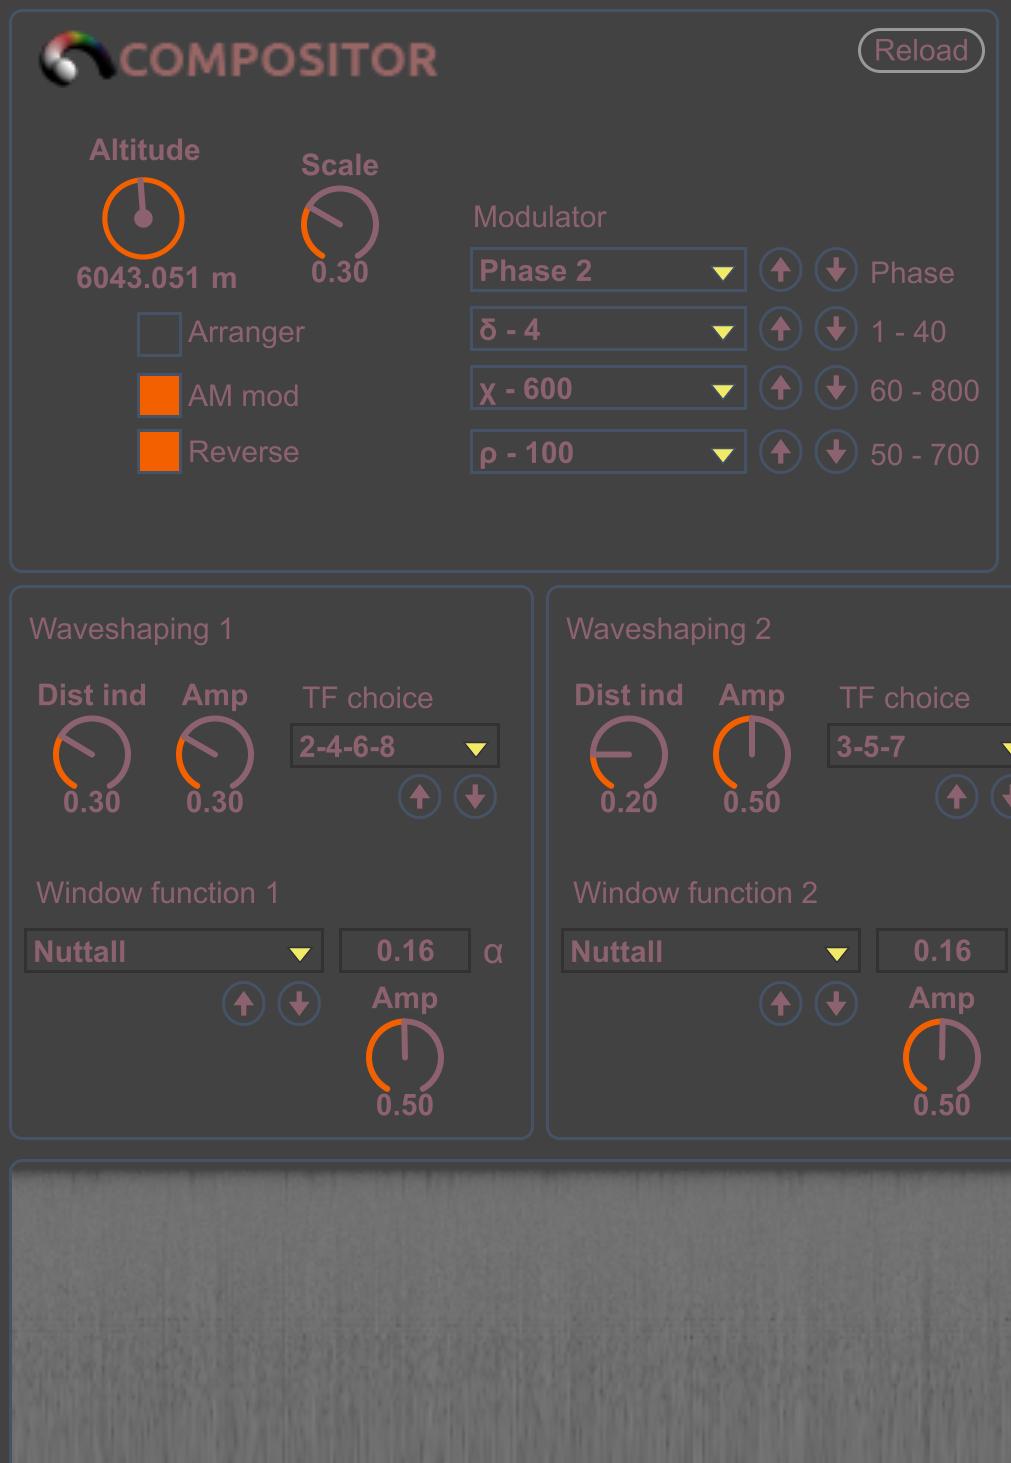 Compositor AV Ext full-height